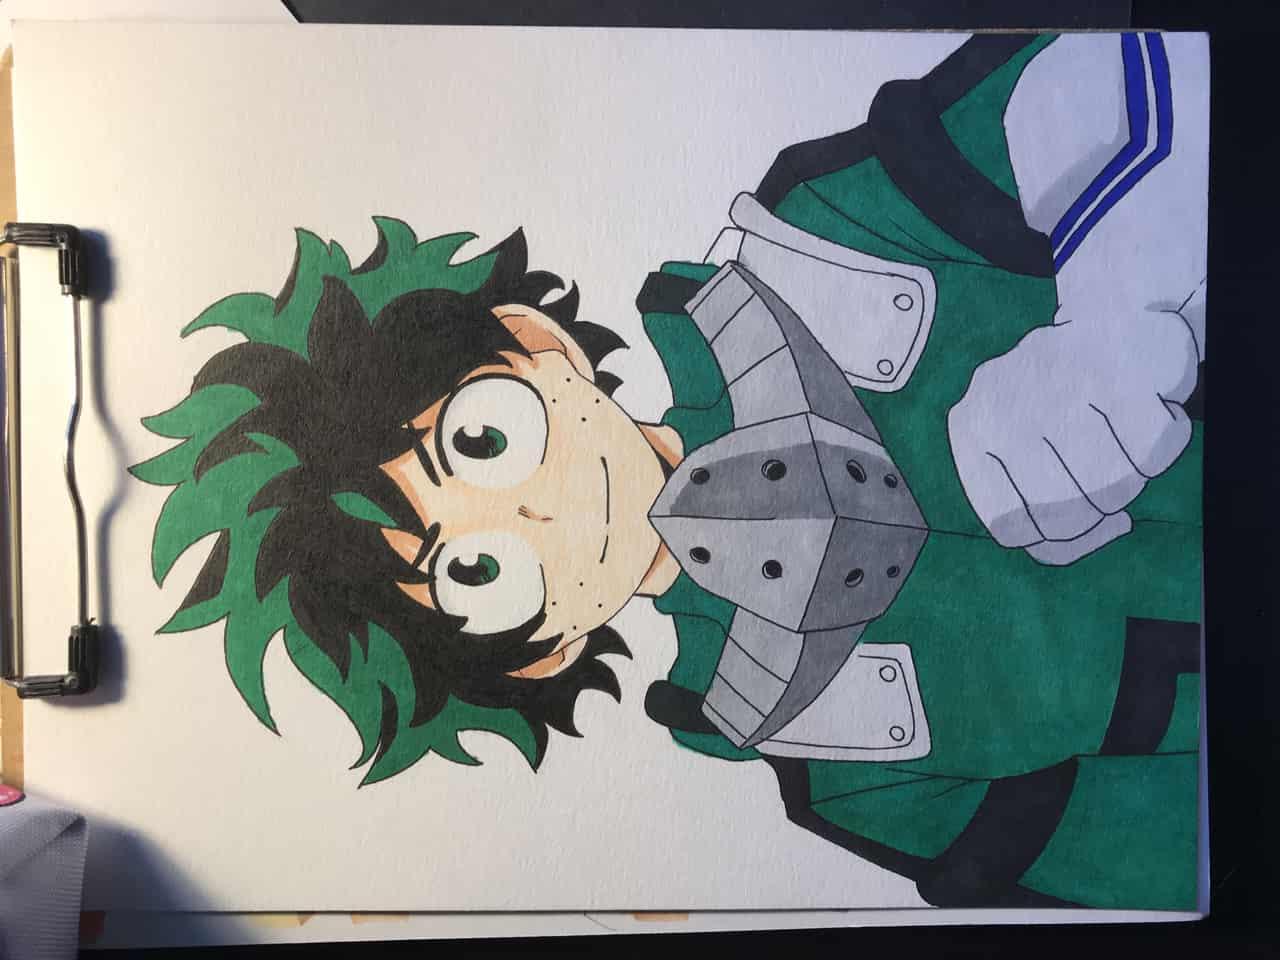 MHA fanart Illust of Cadence Goliath MyHeroAcademia Copic Midoriya markers Izuku_Midoriya simple _Bakugo Katsuki Deku